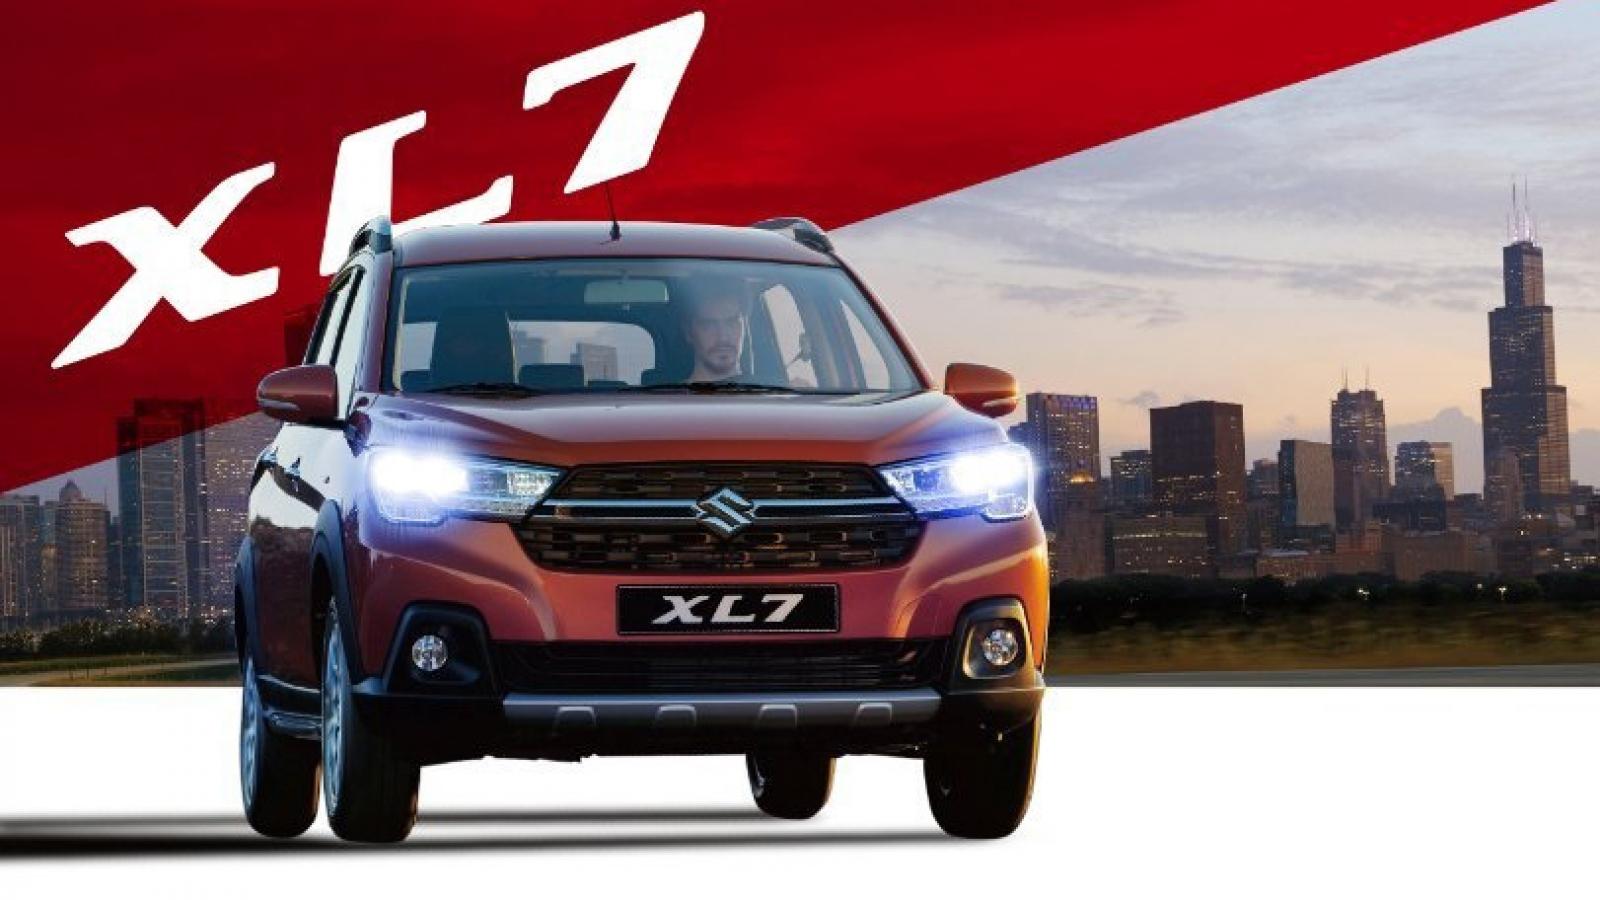 XL7 trải nghiệm những giá trị tiện dụng của chiếc SUV đích thực